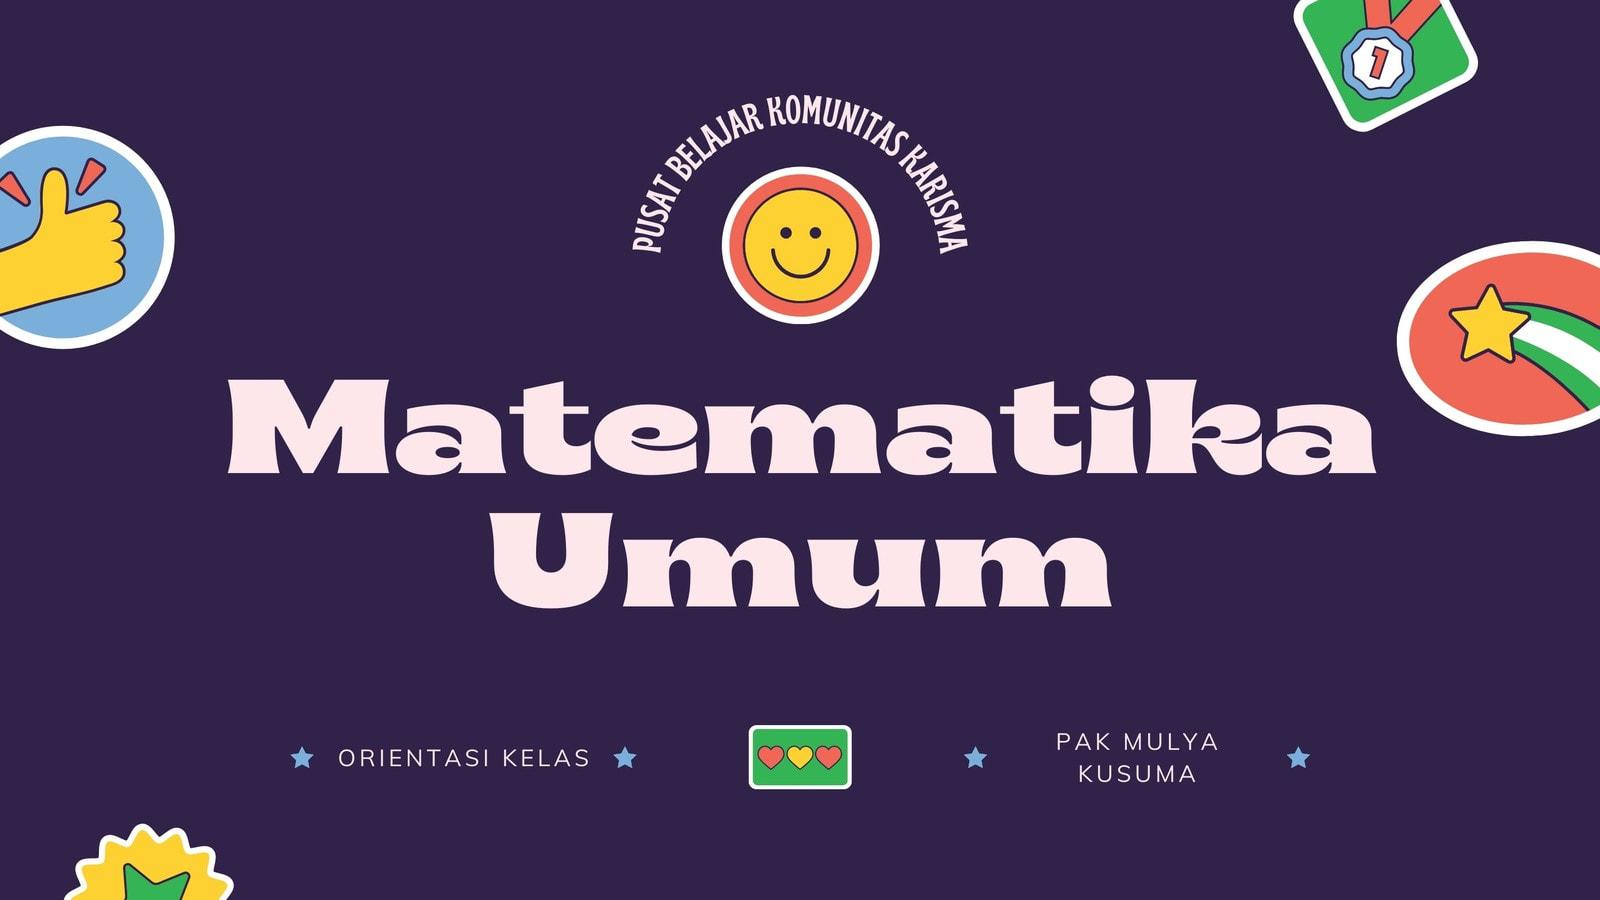 Presentasi Pendidikan Orientasi Kelas Matematika Umum Retro Modern Warna-warni